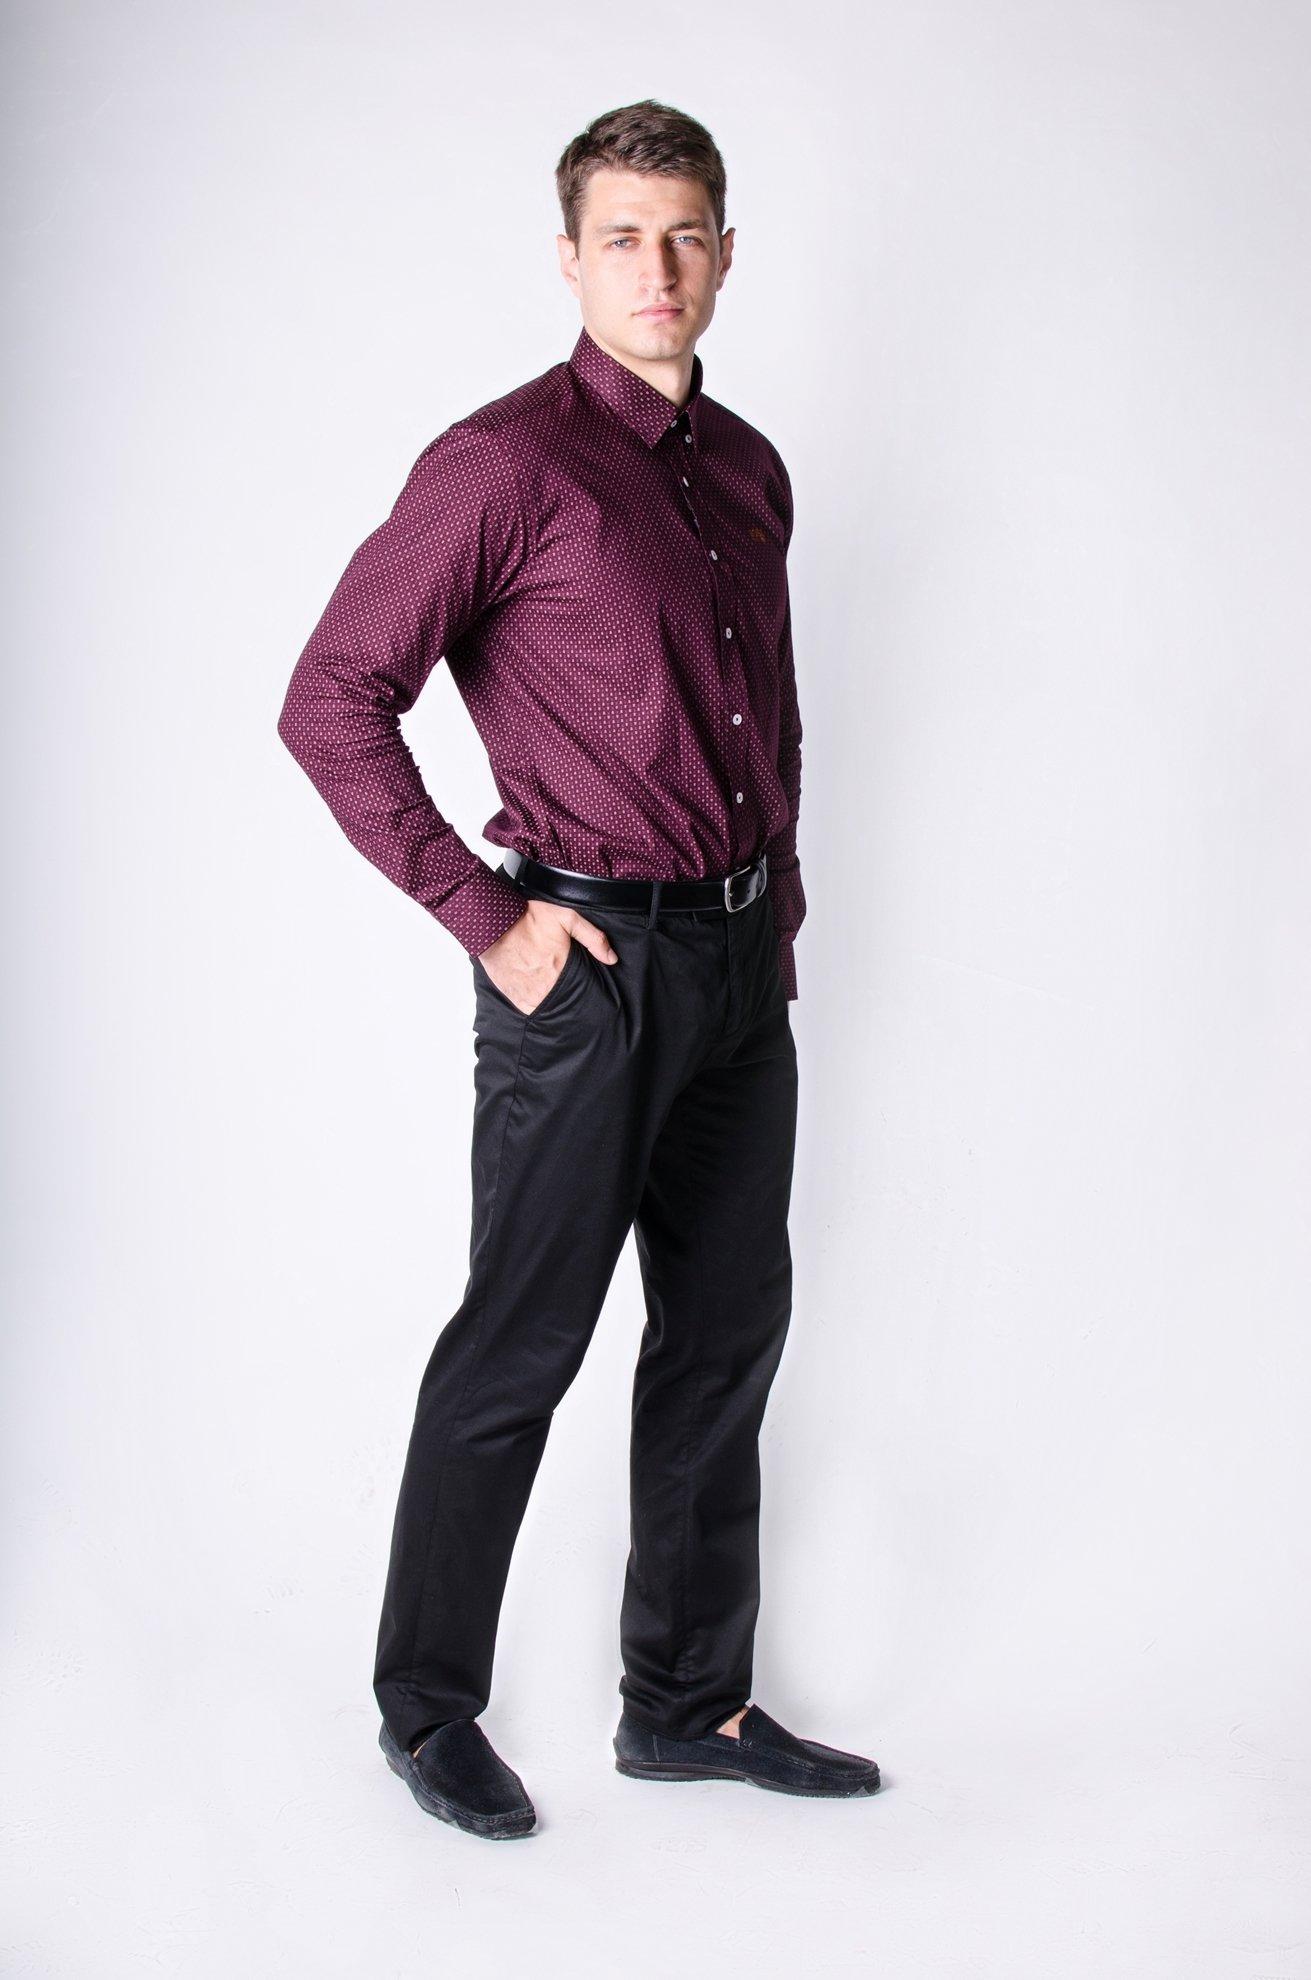 Мужская рубашка с мелким узором, длинный рукав (Арт.Т 2471)